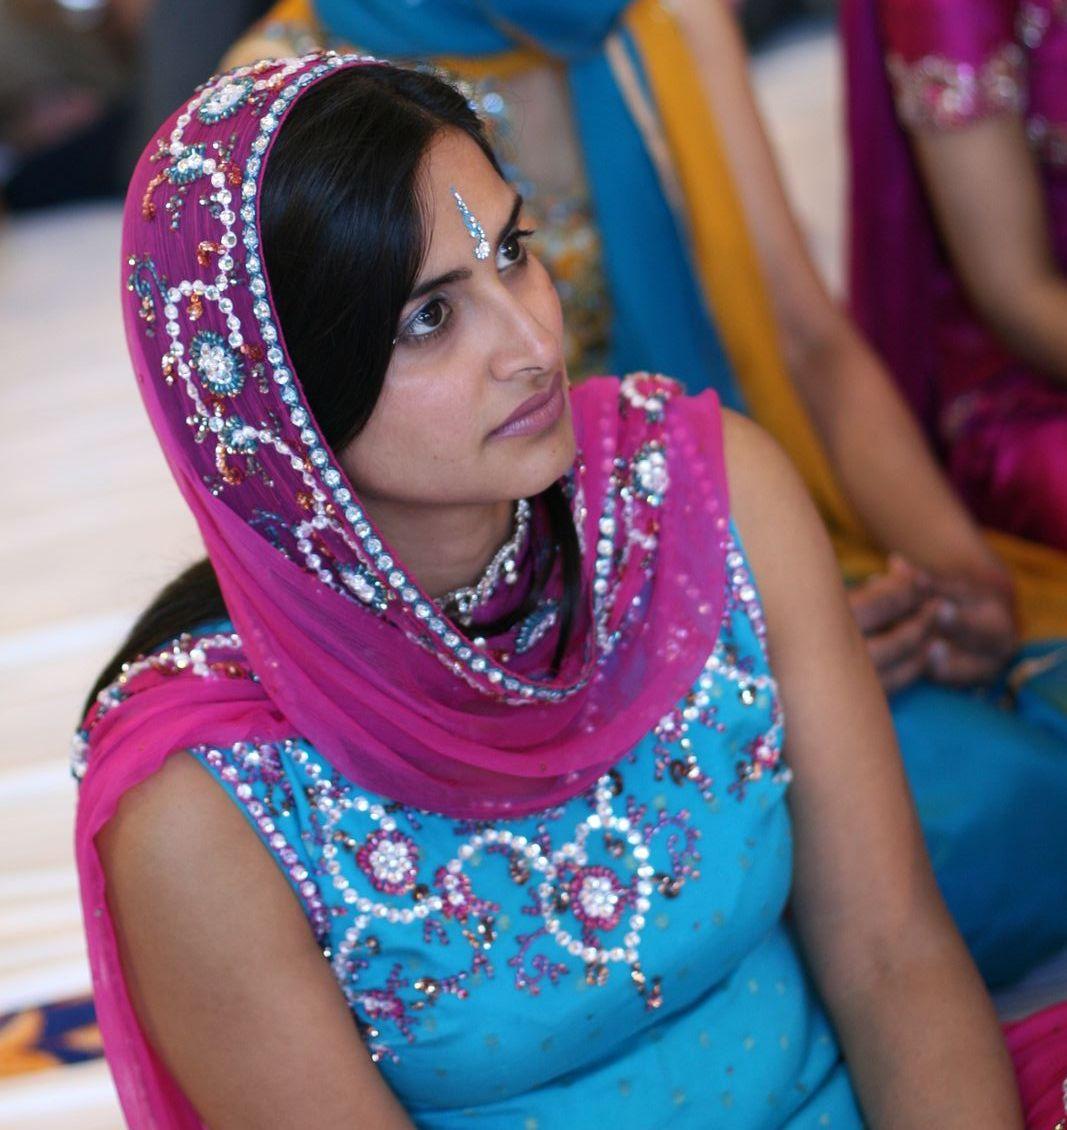 Young Desi Teen Girls Gallery 2 - Beautiful Indian Desi Girls-9425